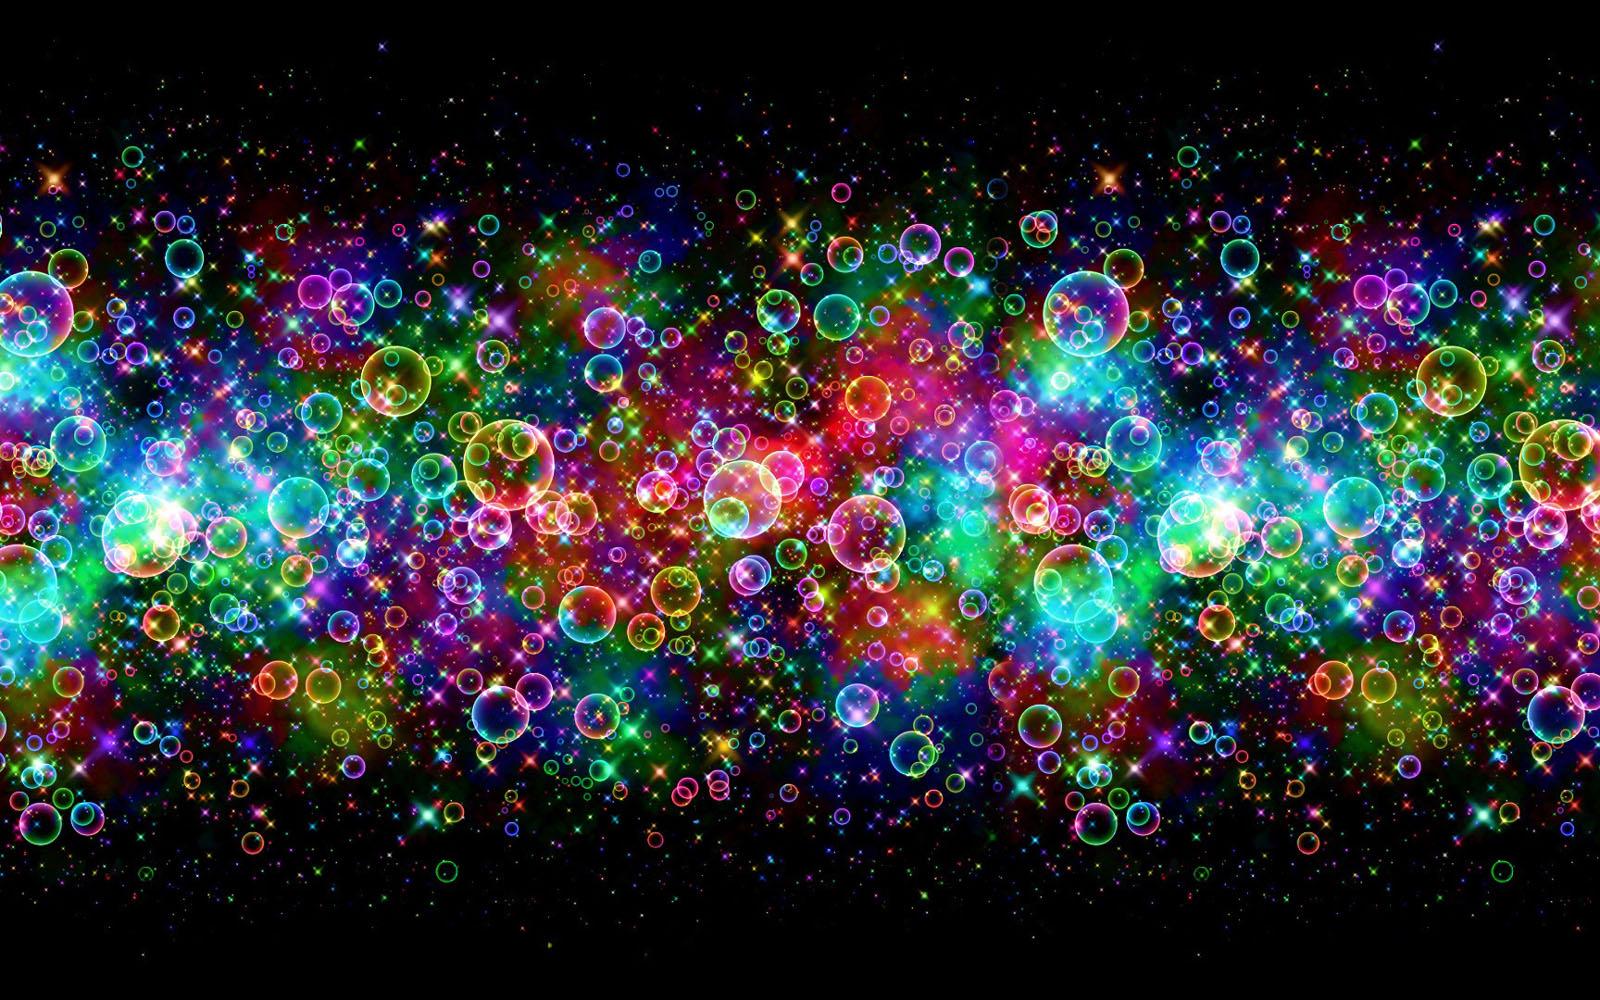 gambar lingkaran abstrak wallpaper cantik lingkaran lingkaran ungu